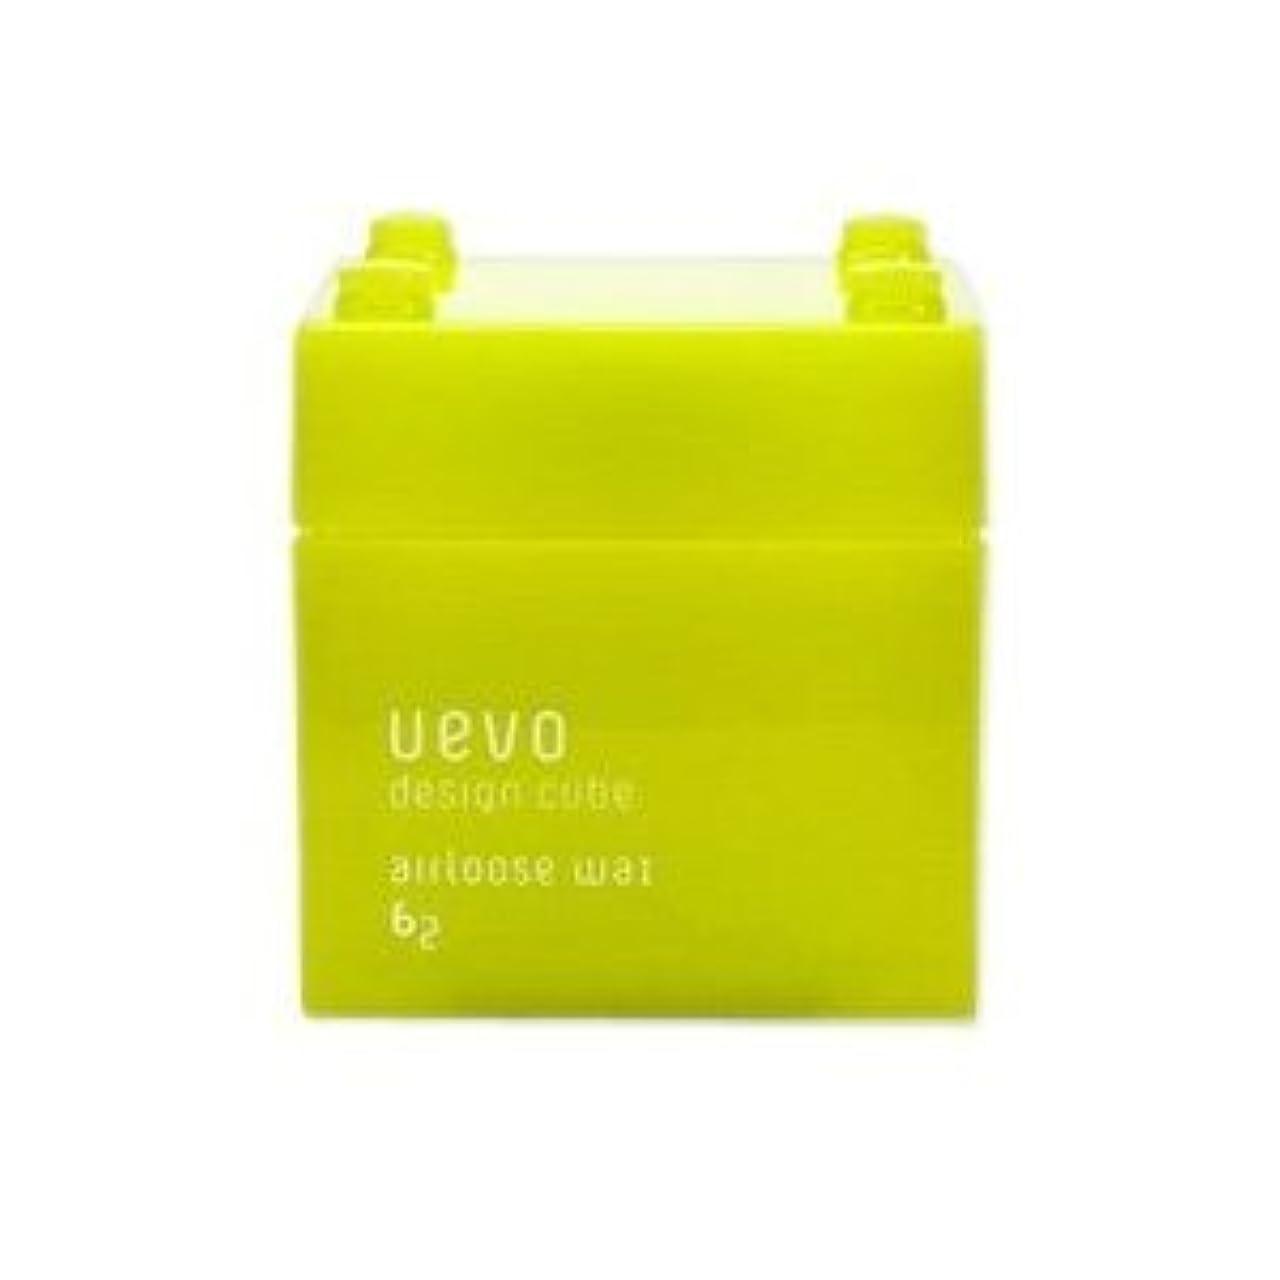 【X3個セット】 デミ ウェーボ デザインキューブ エアルーズワックス 80g airloose wax DEMI uevo design cube